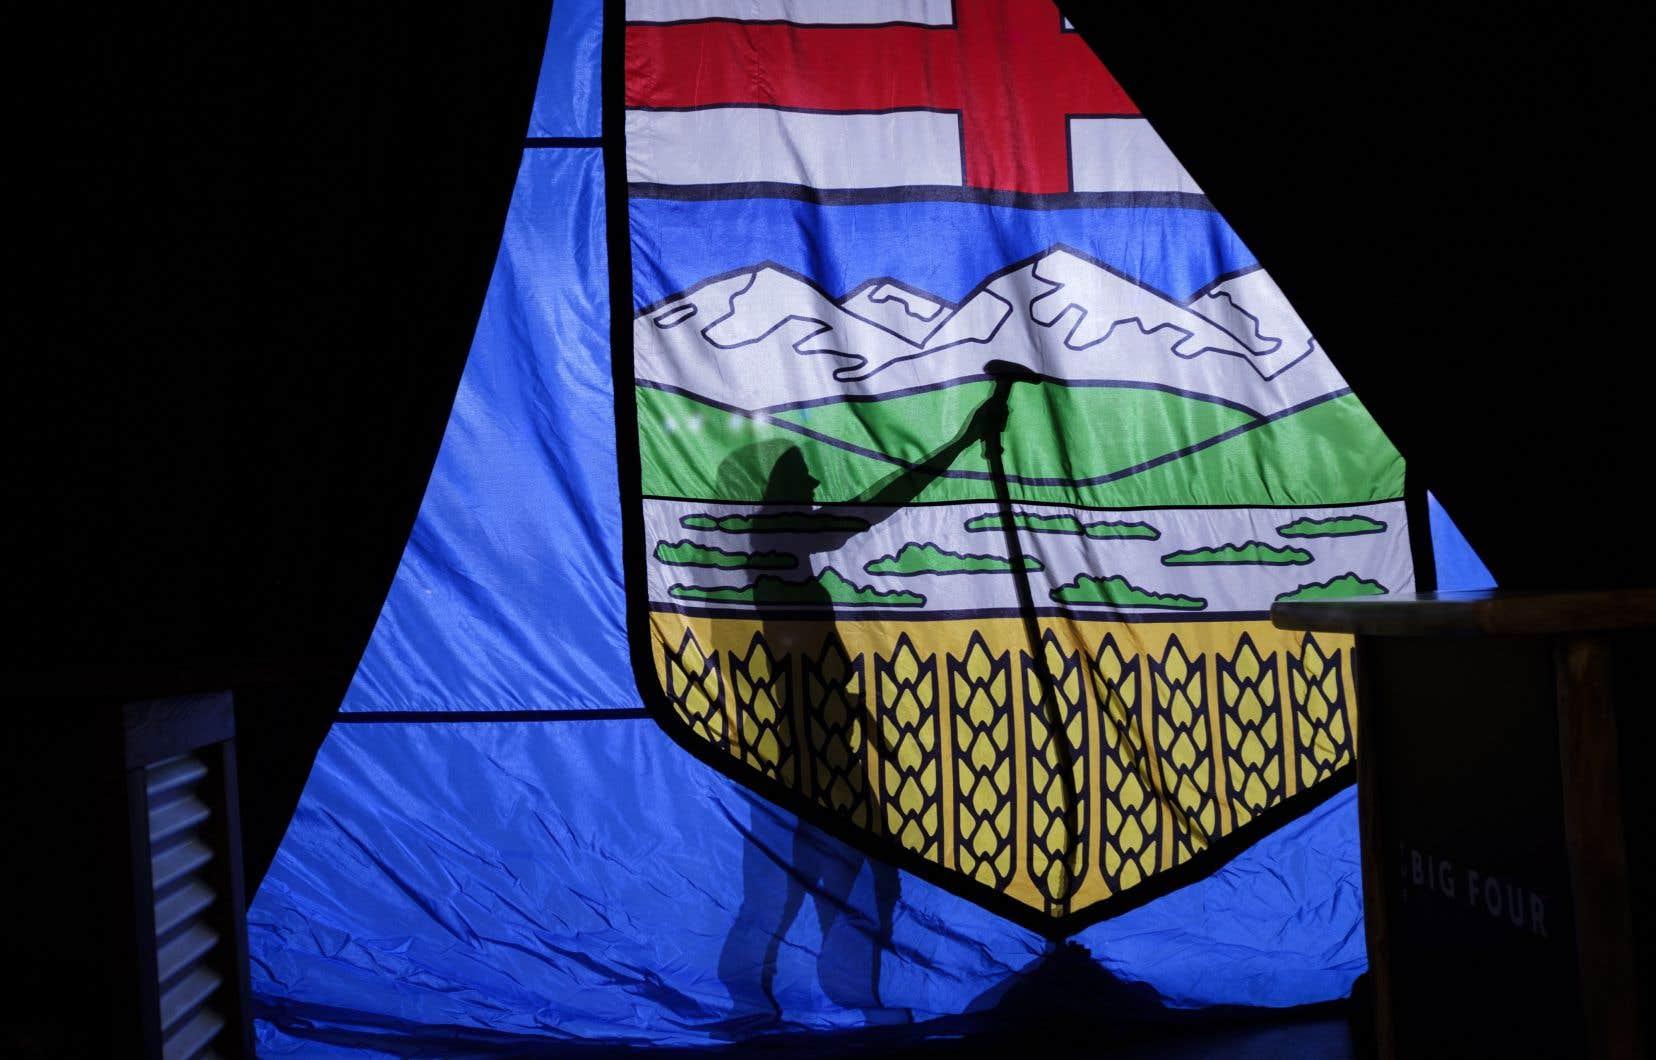 Les avocats du gouvernement fédéral défendent la taxe nationale sur le carbone contestée devant la Cour d'appel de l'Alberta en disant que la crise climatique est un problème national et mondial qui nécessite des mesures nationales.